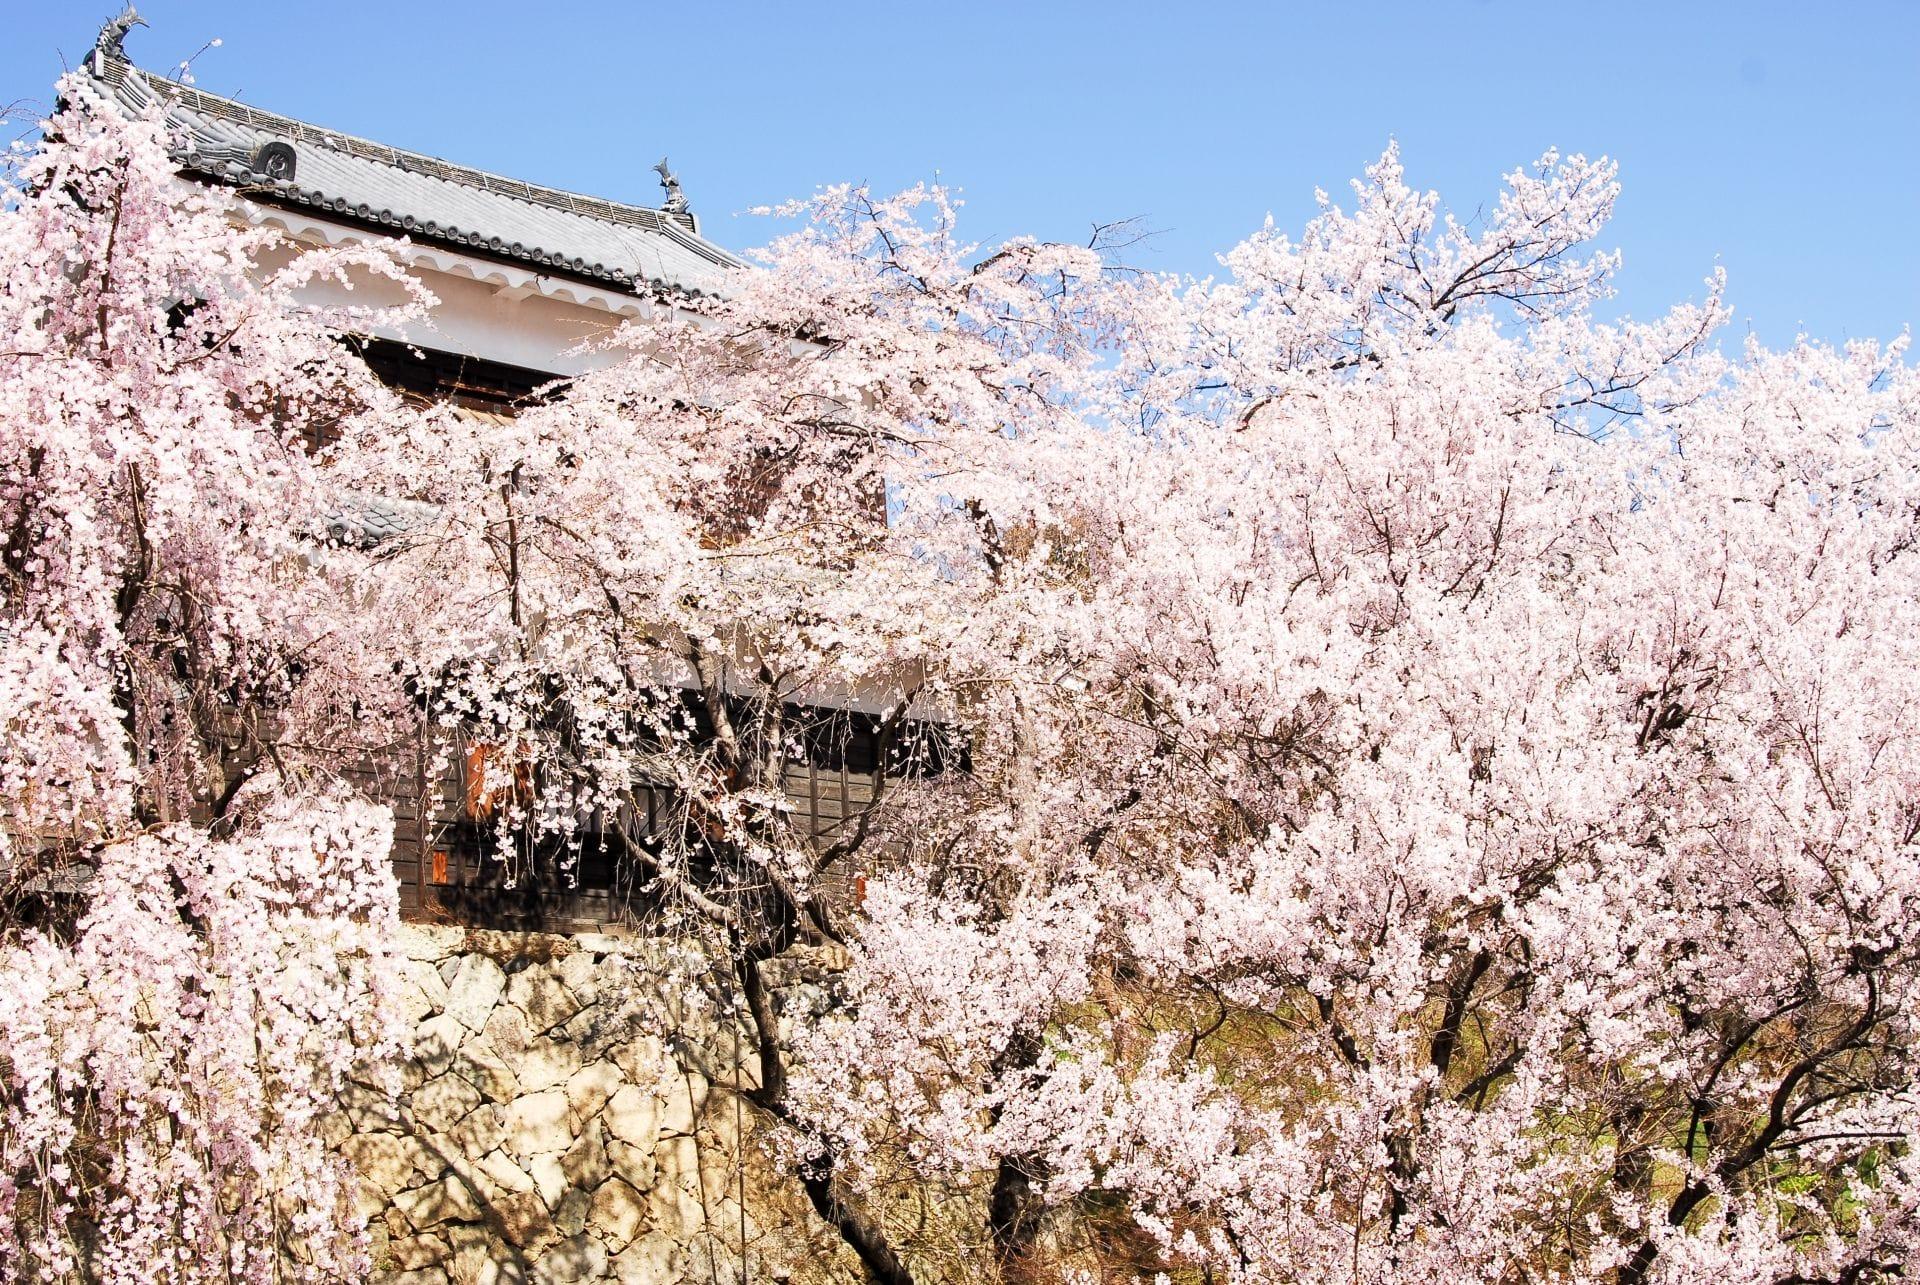 【長野】「上田城」與真田丸一同賞櫻,紅色六文錢的千本櫻祭典